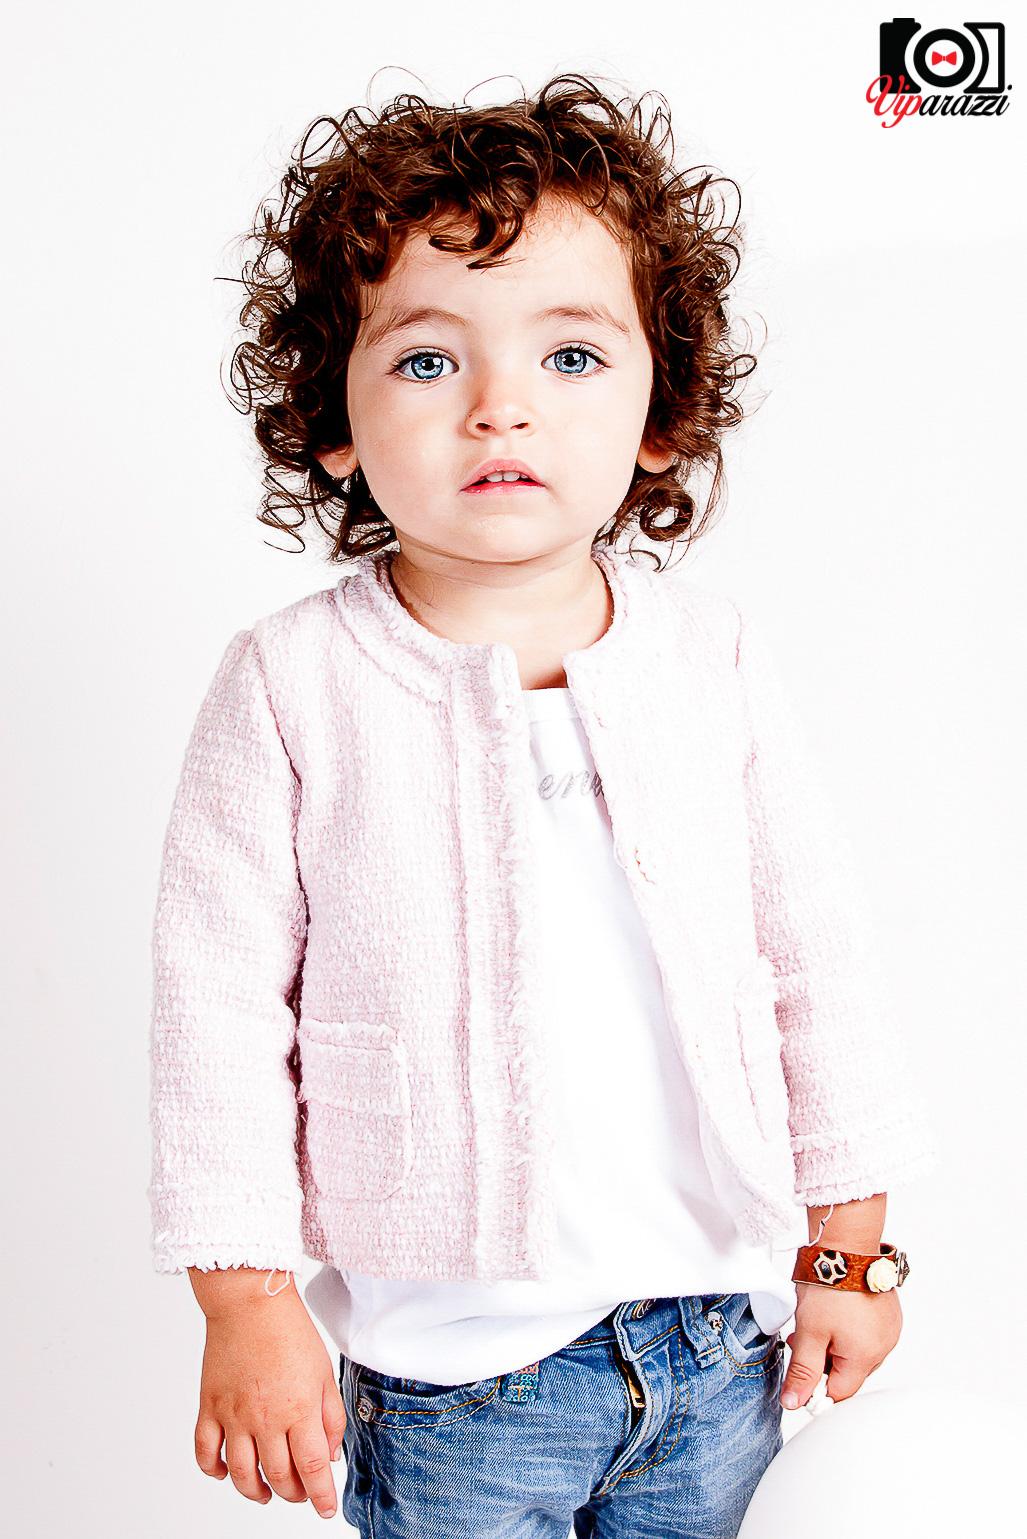 viparazzi -modelshoot blauwe ogen